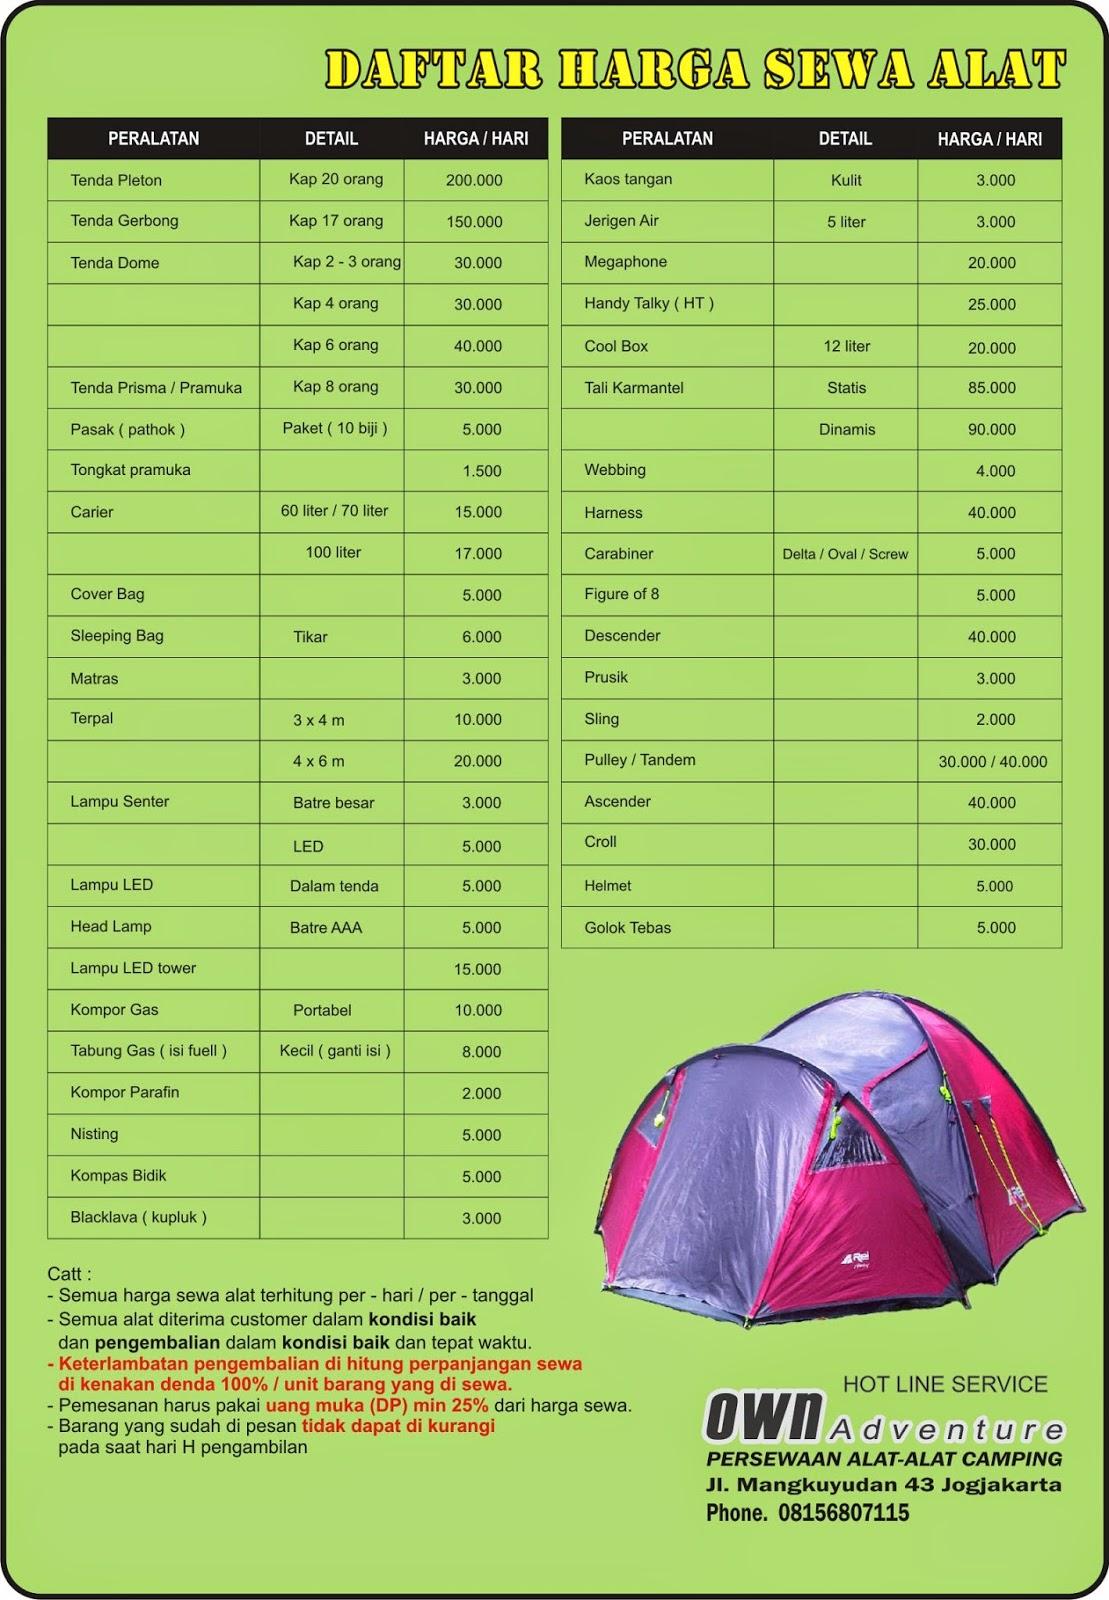 Peralatan Kemah Pramuka : peralatan, kemah, pramuka, Harga, Tenda, Peralatan, Outdoor, Adventure,, Mangkuyudan,, Yogyakarta